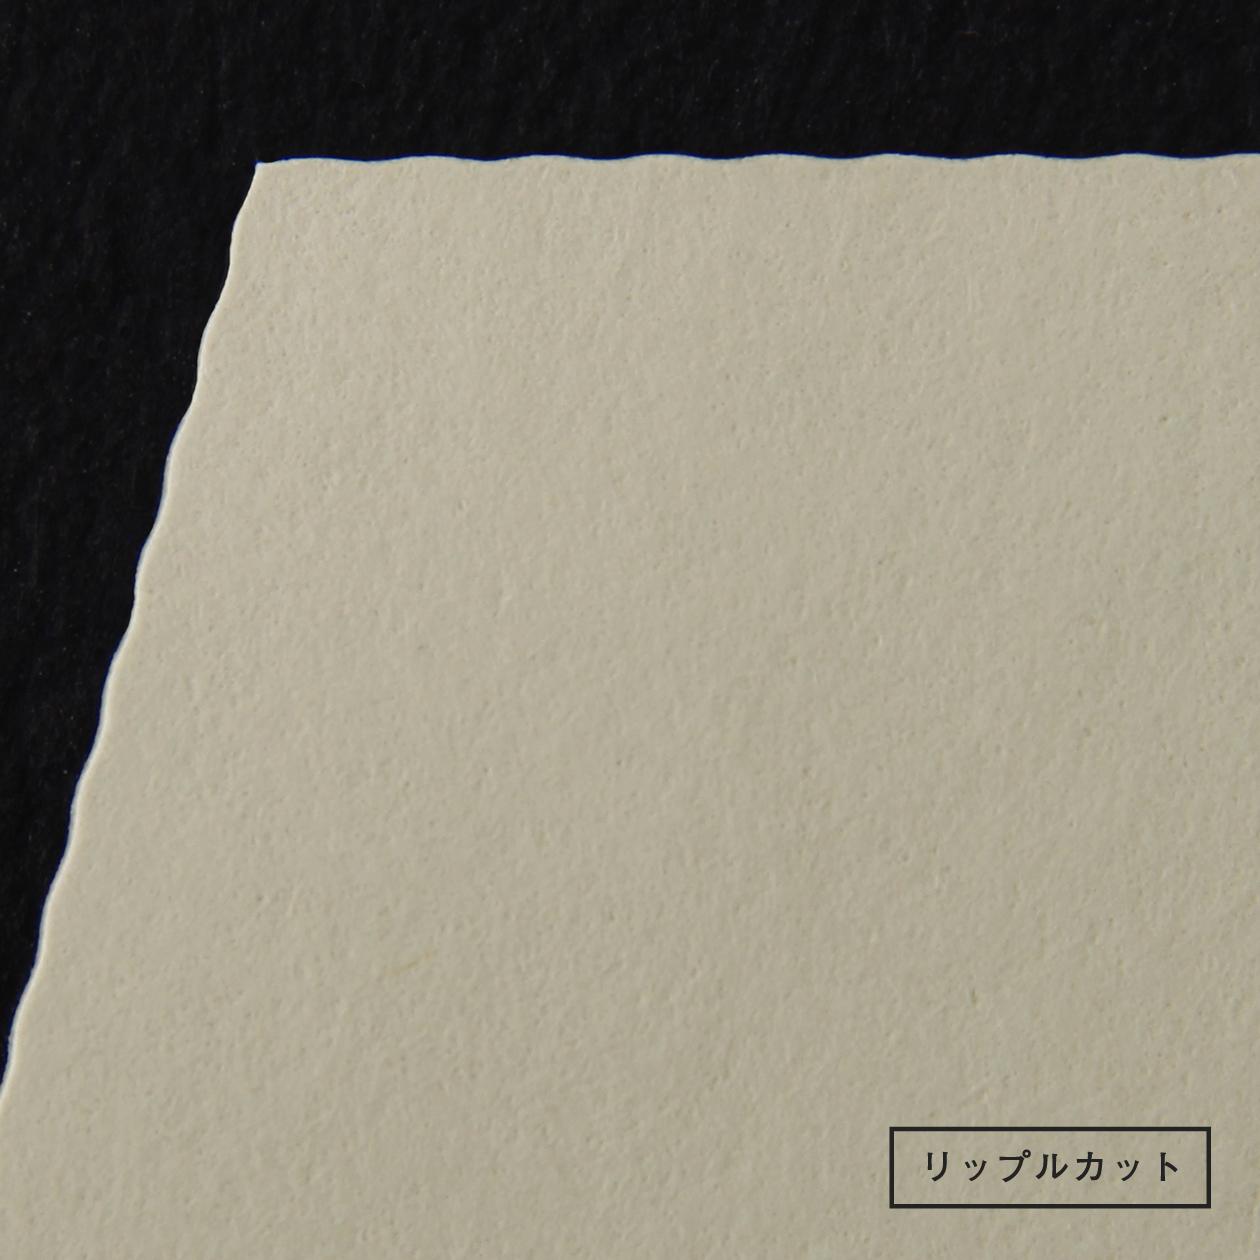 角2封筒 エコフレンドリーカラー ミストグレイ 100g